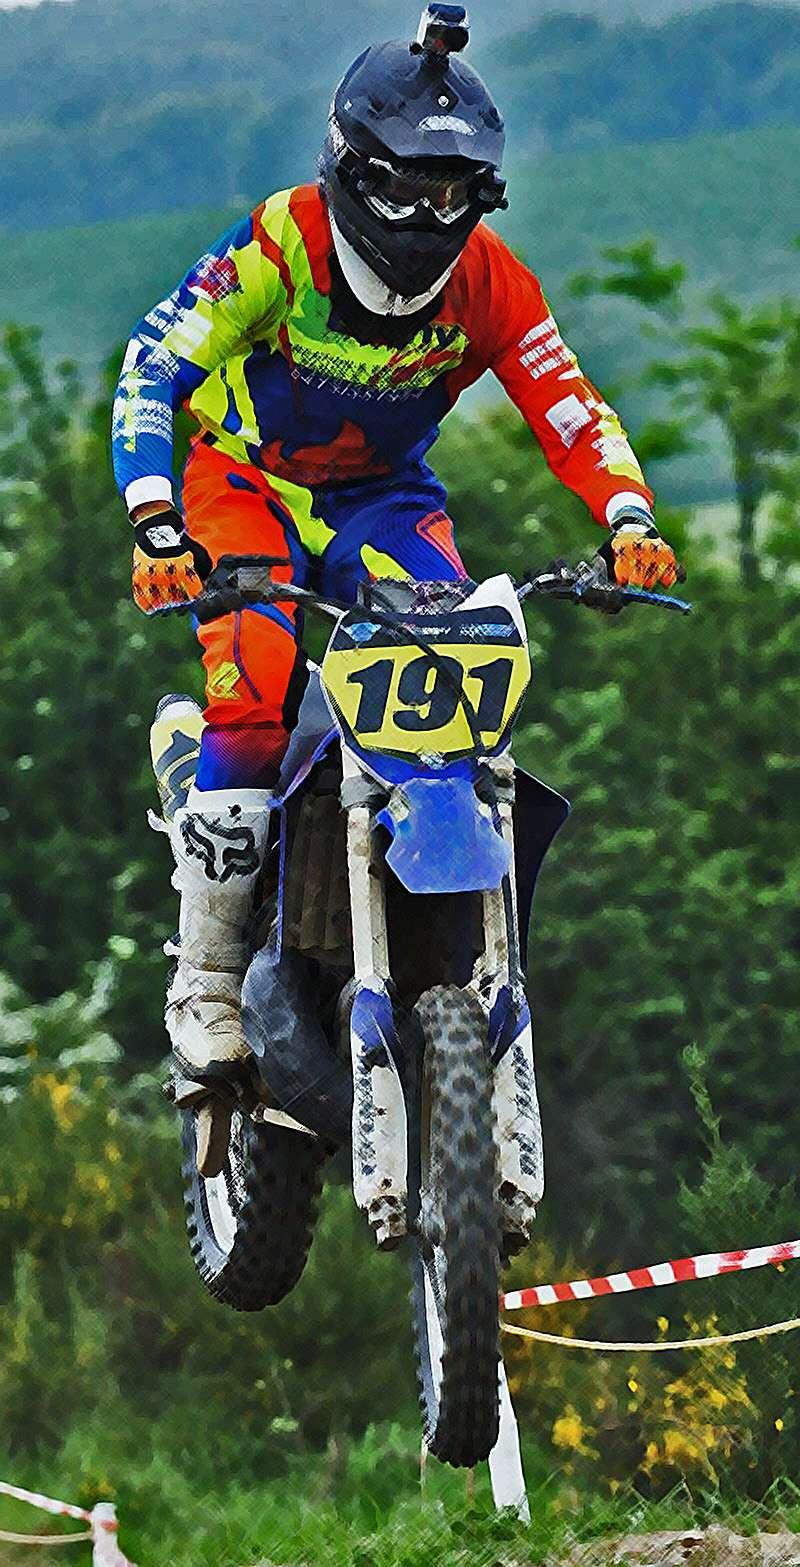 Motocross Dürler - samstag 23 mai 2015 ... - Page 7 Img_2514